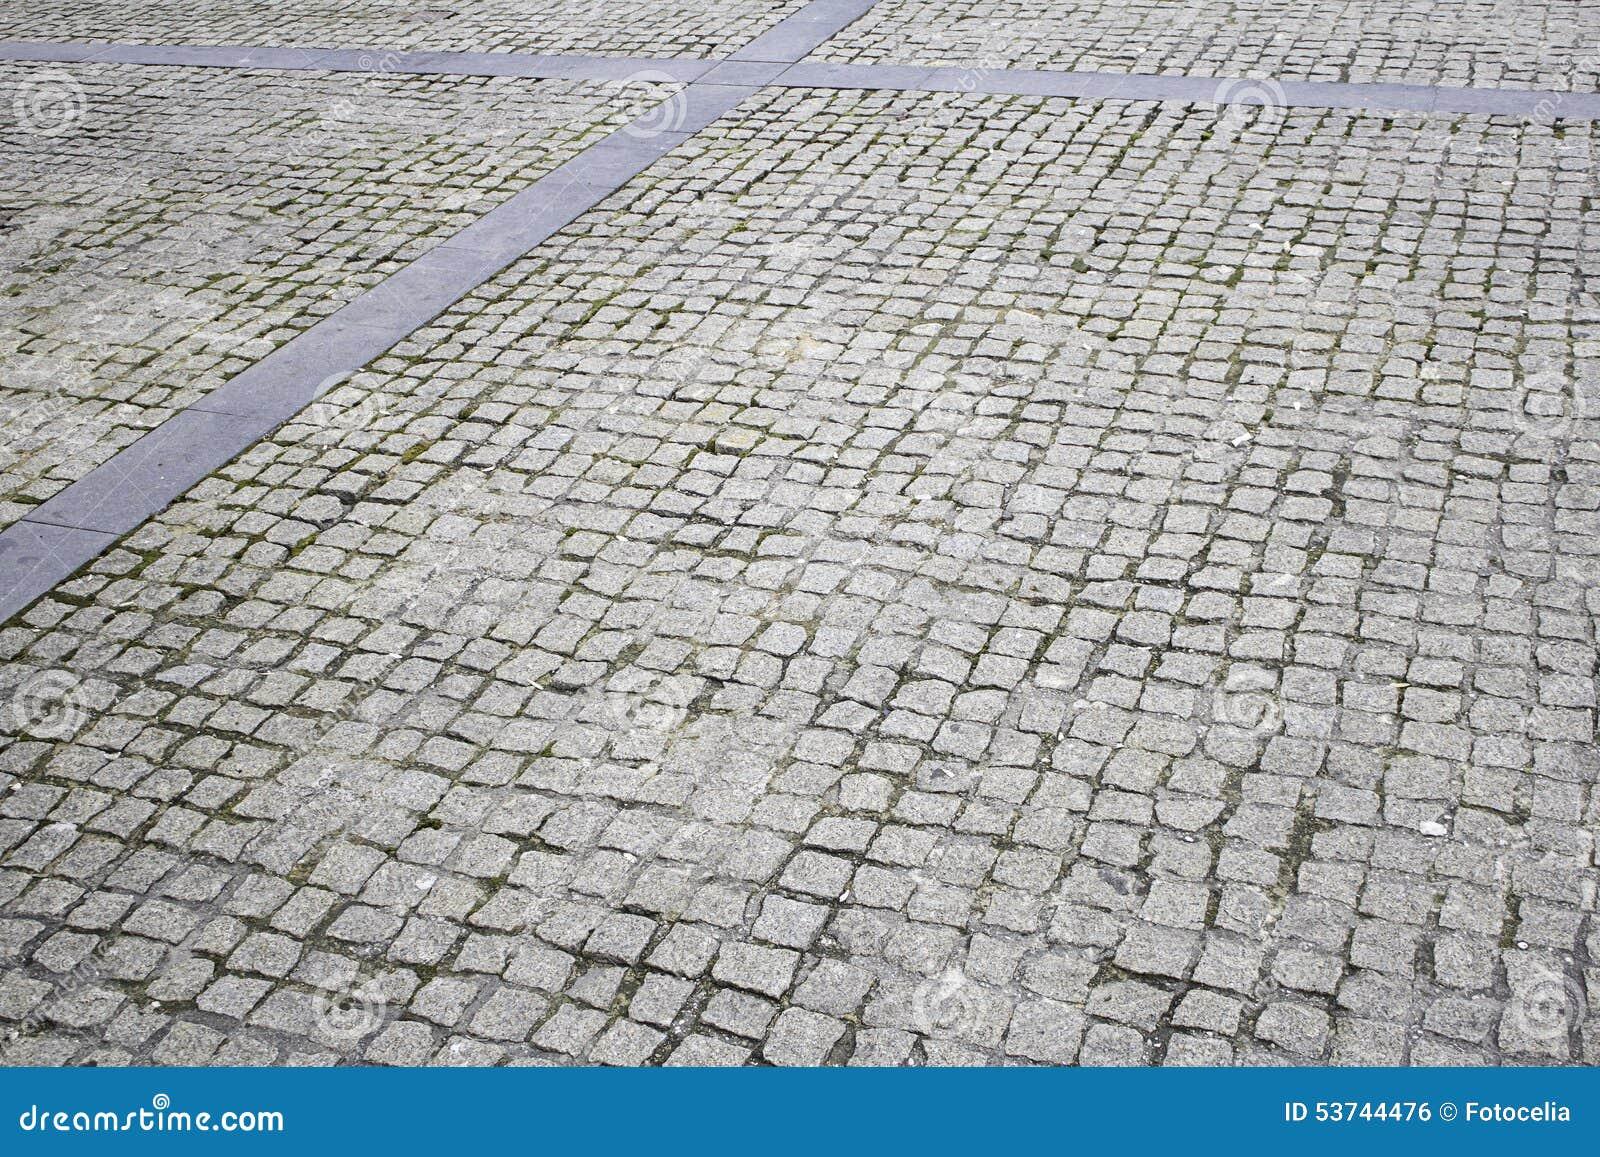 Ciudad del suelo de baldosas foto de archivo imagen for Tierra suelo wallpaper